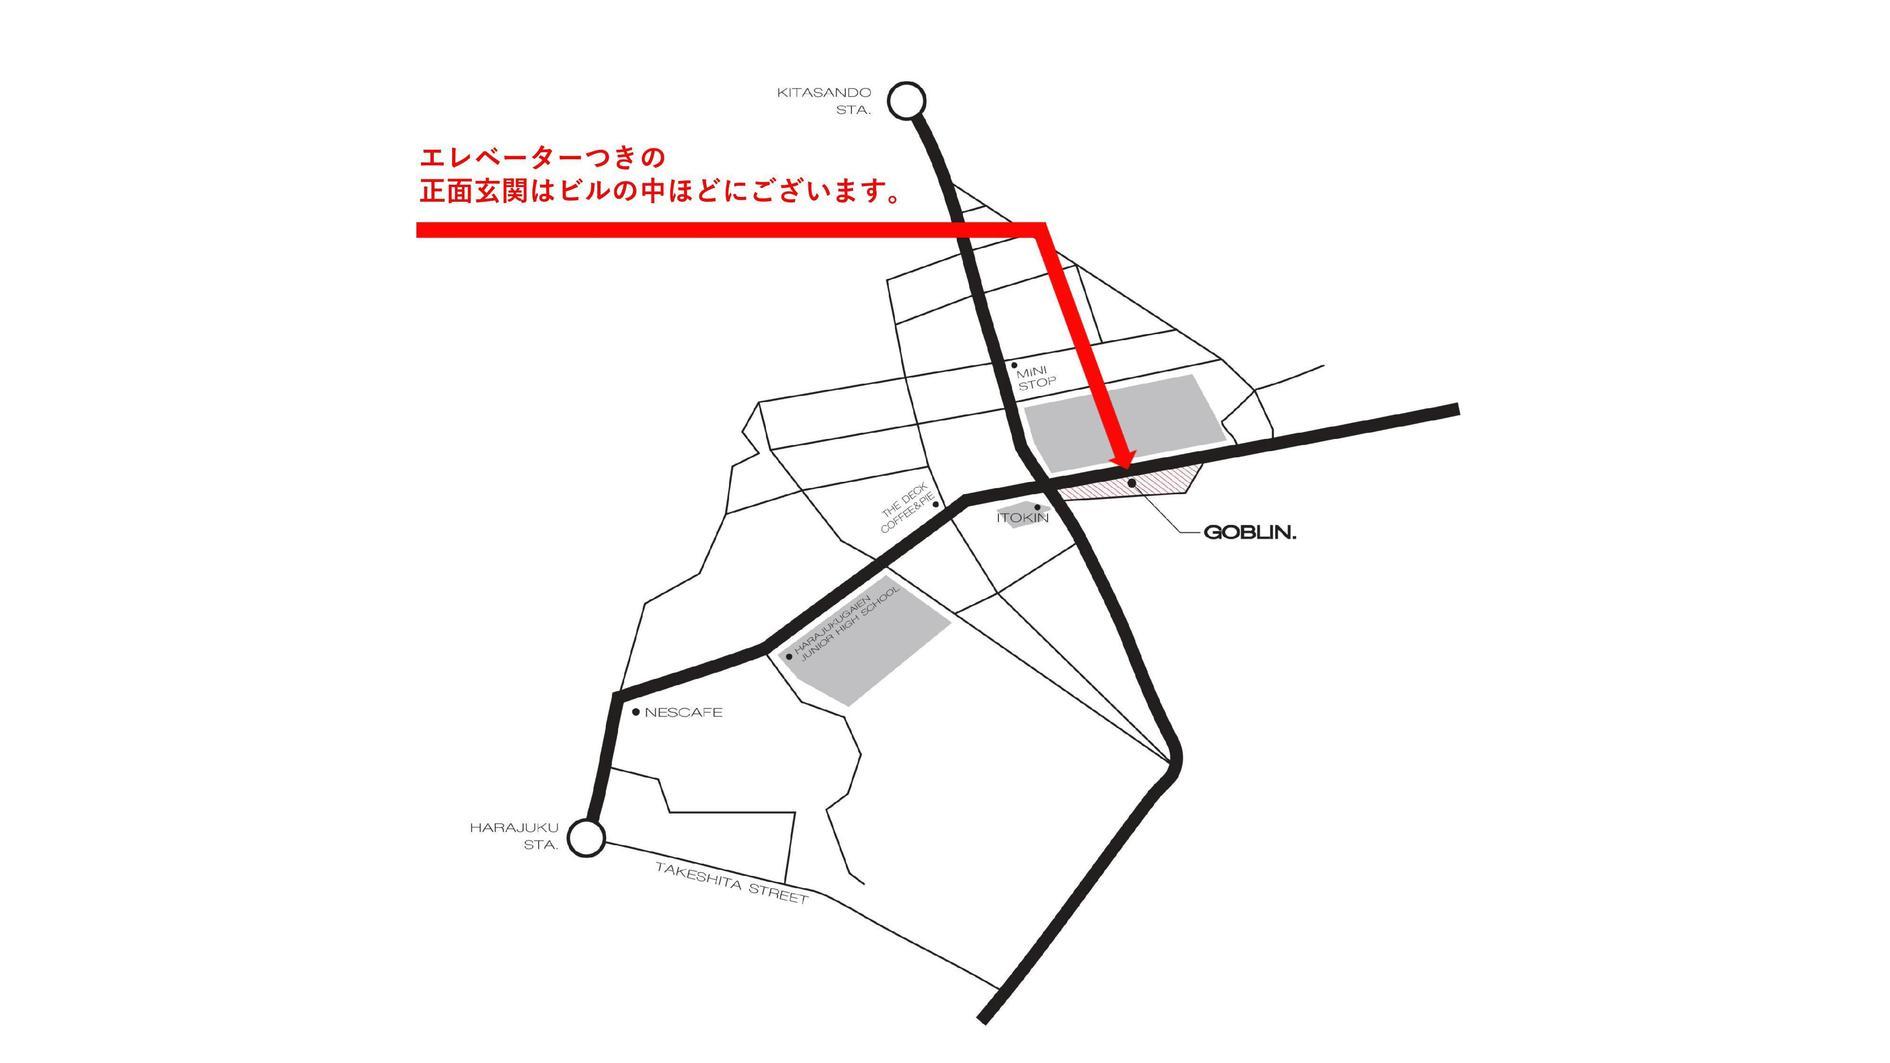 【原宿・北参道】10名規模の会議/セミナーにオススメ♪ <Bスペース> のサムネイル